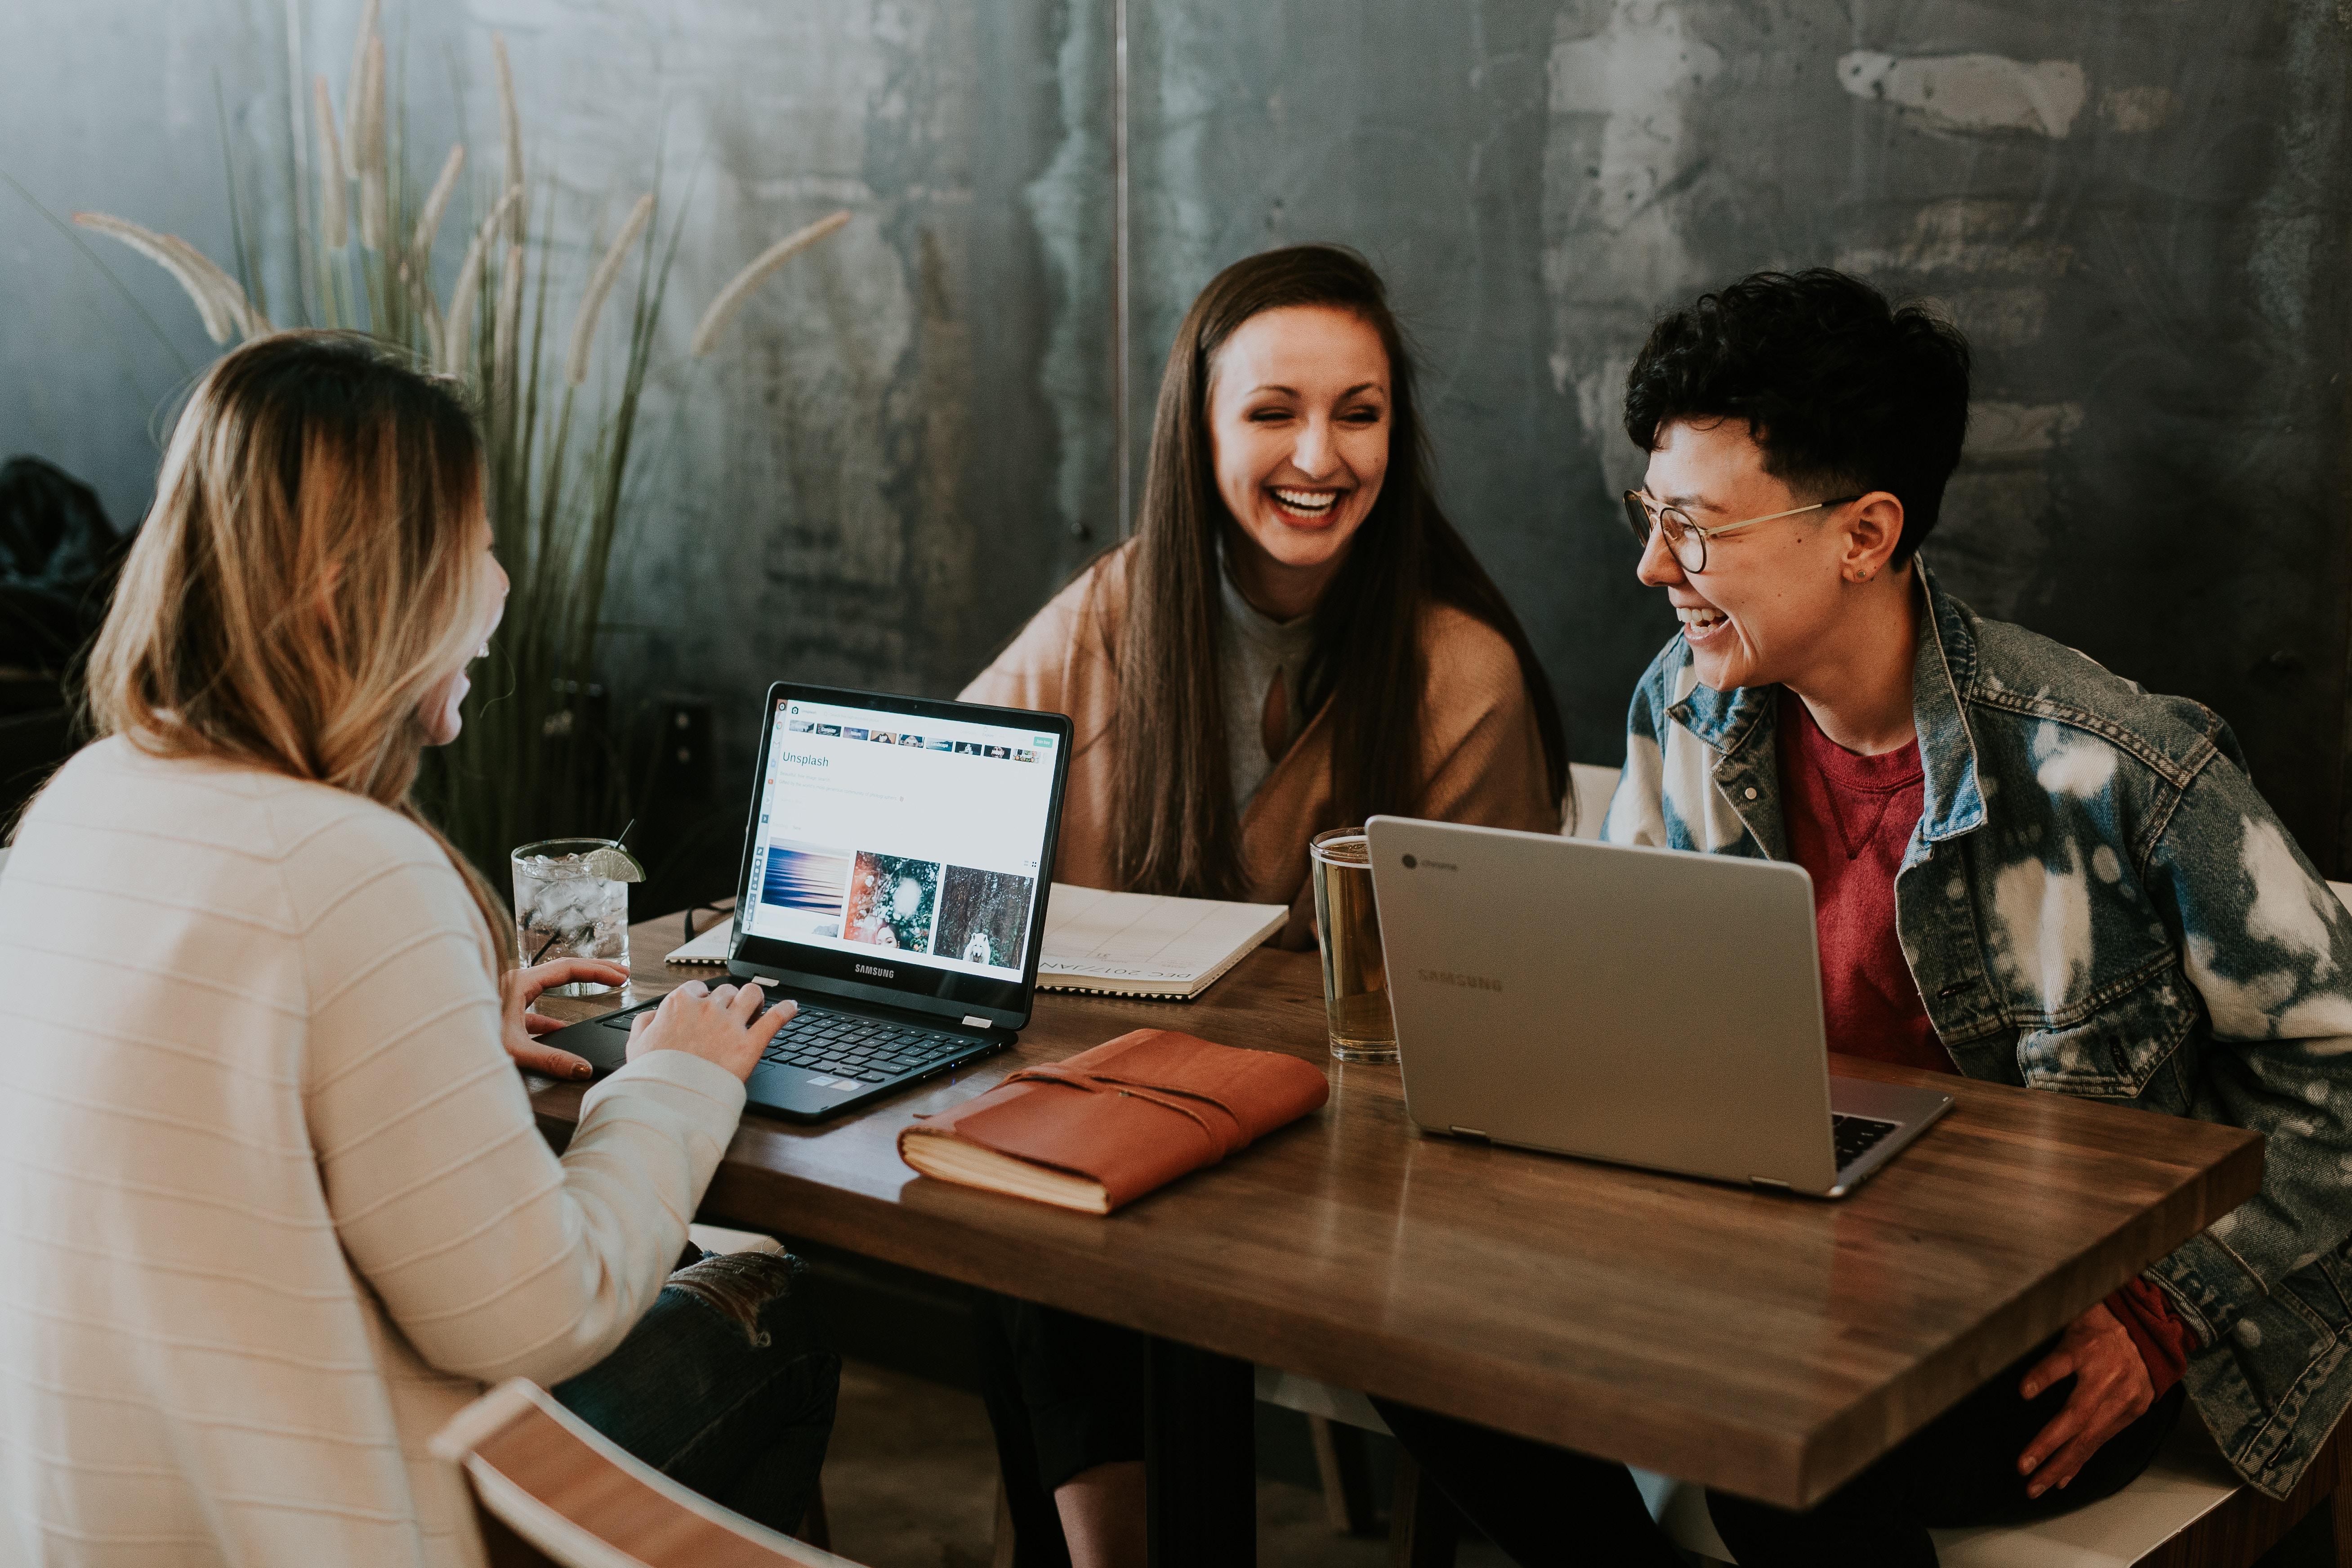 trois personnes autour d'une table avec ordinateur qui rigolent